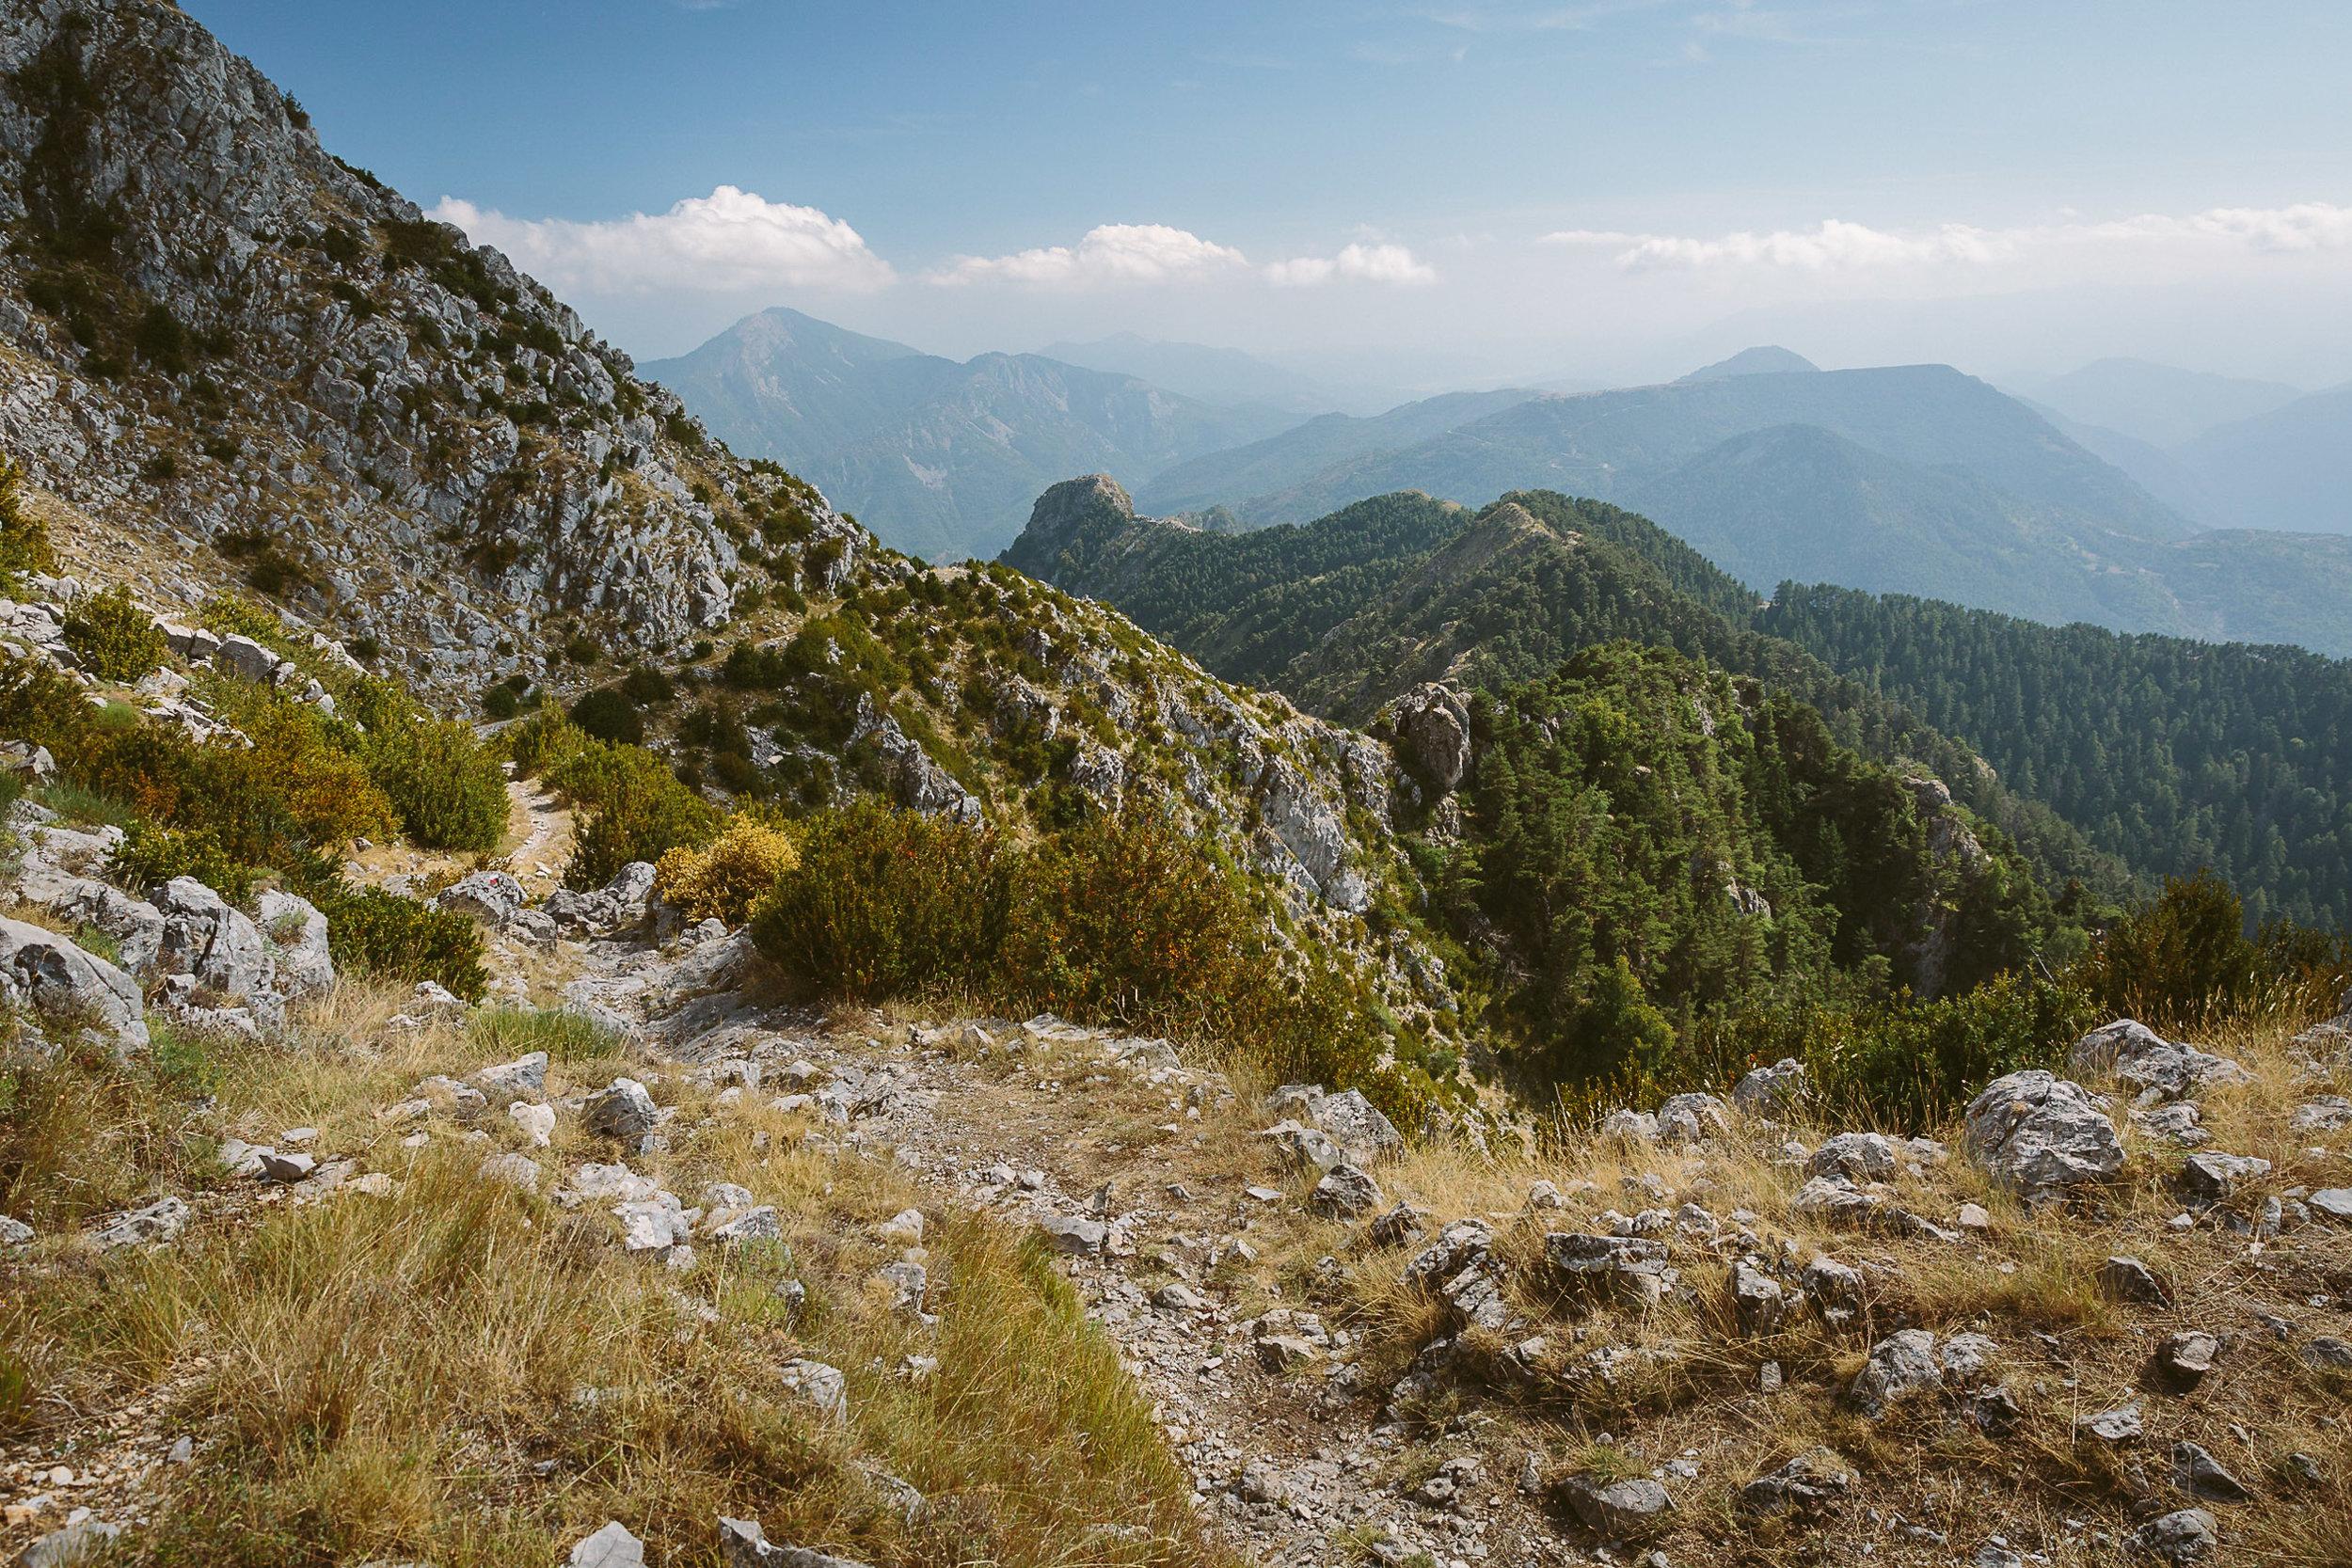 The path toward Utelle